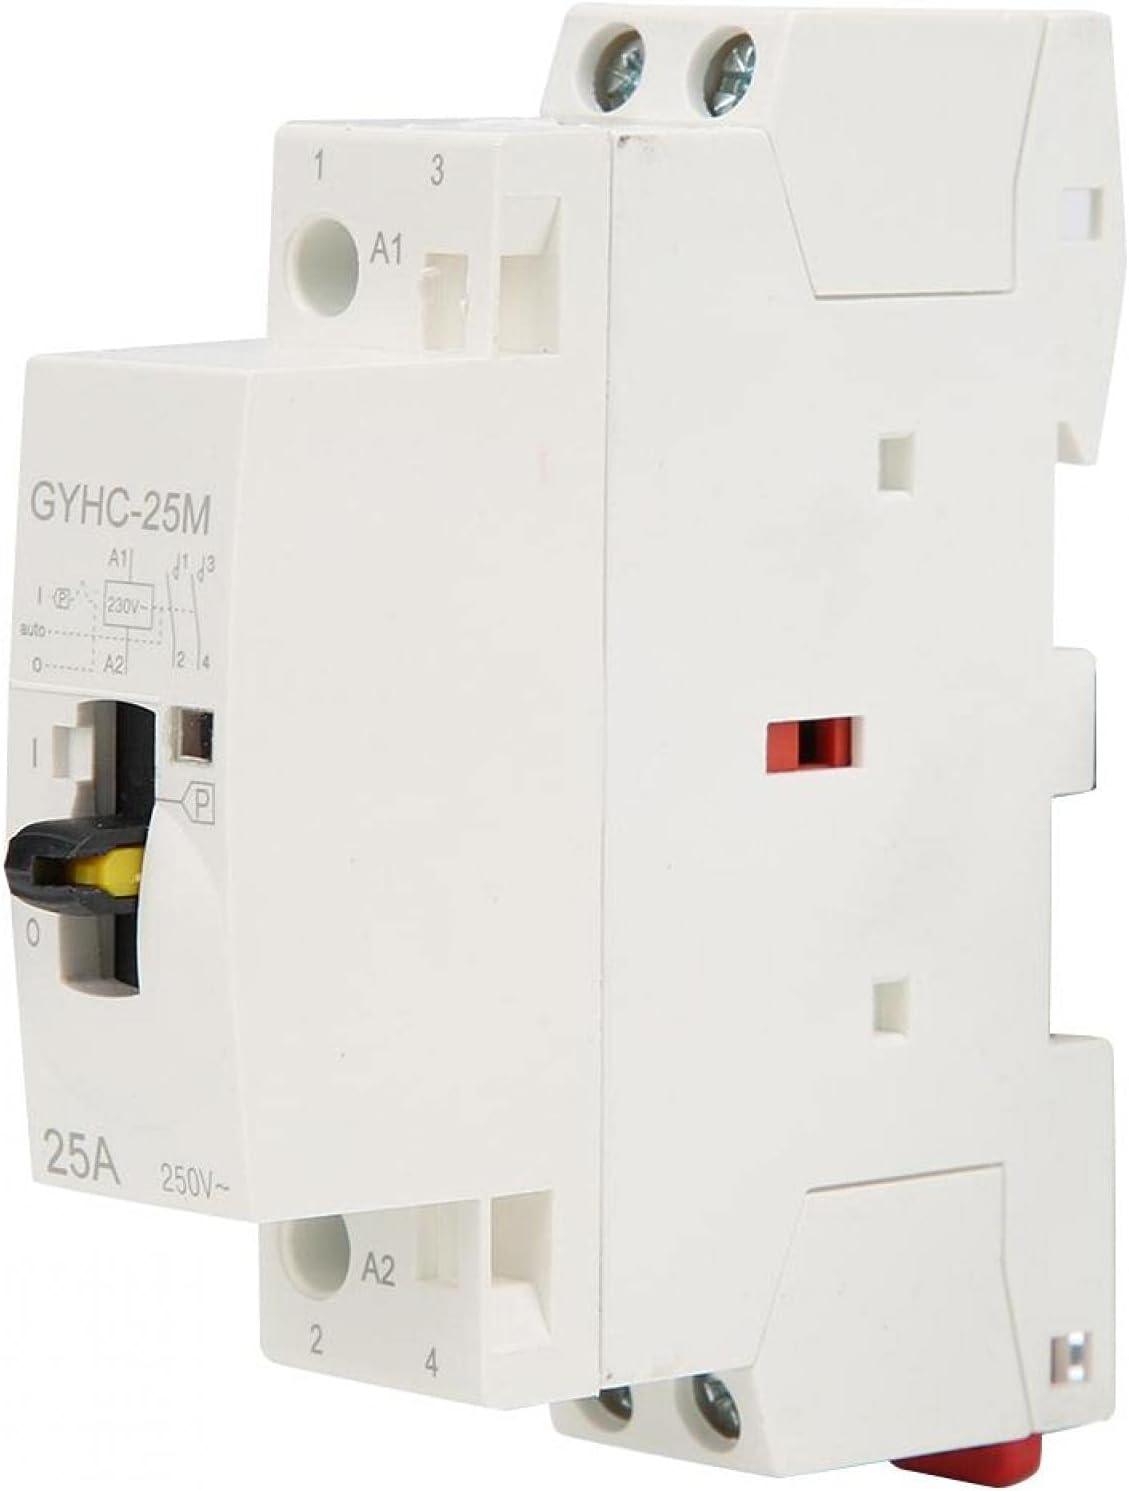 Contactor CA Silencioso Carril Din Hogar Interruptor 4 Posiciones Contactor CA con Interruptor Control Manual 2P 25A 220V 50Hz(2NO)